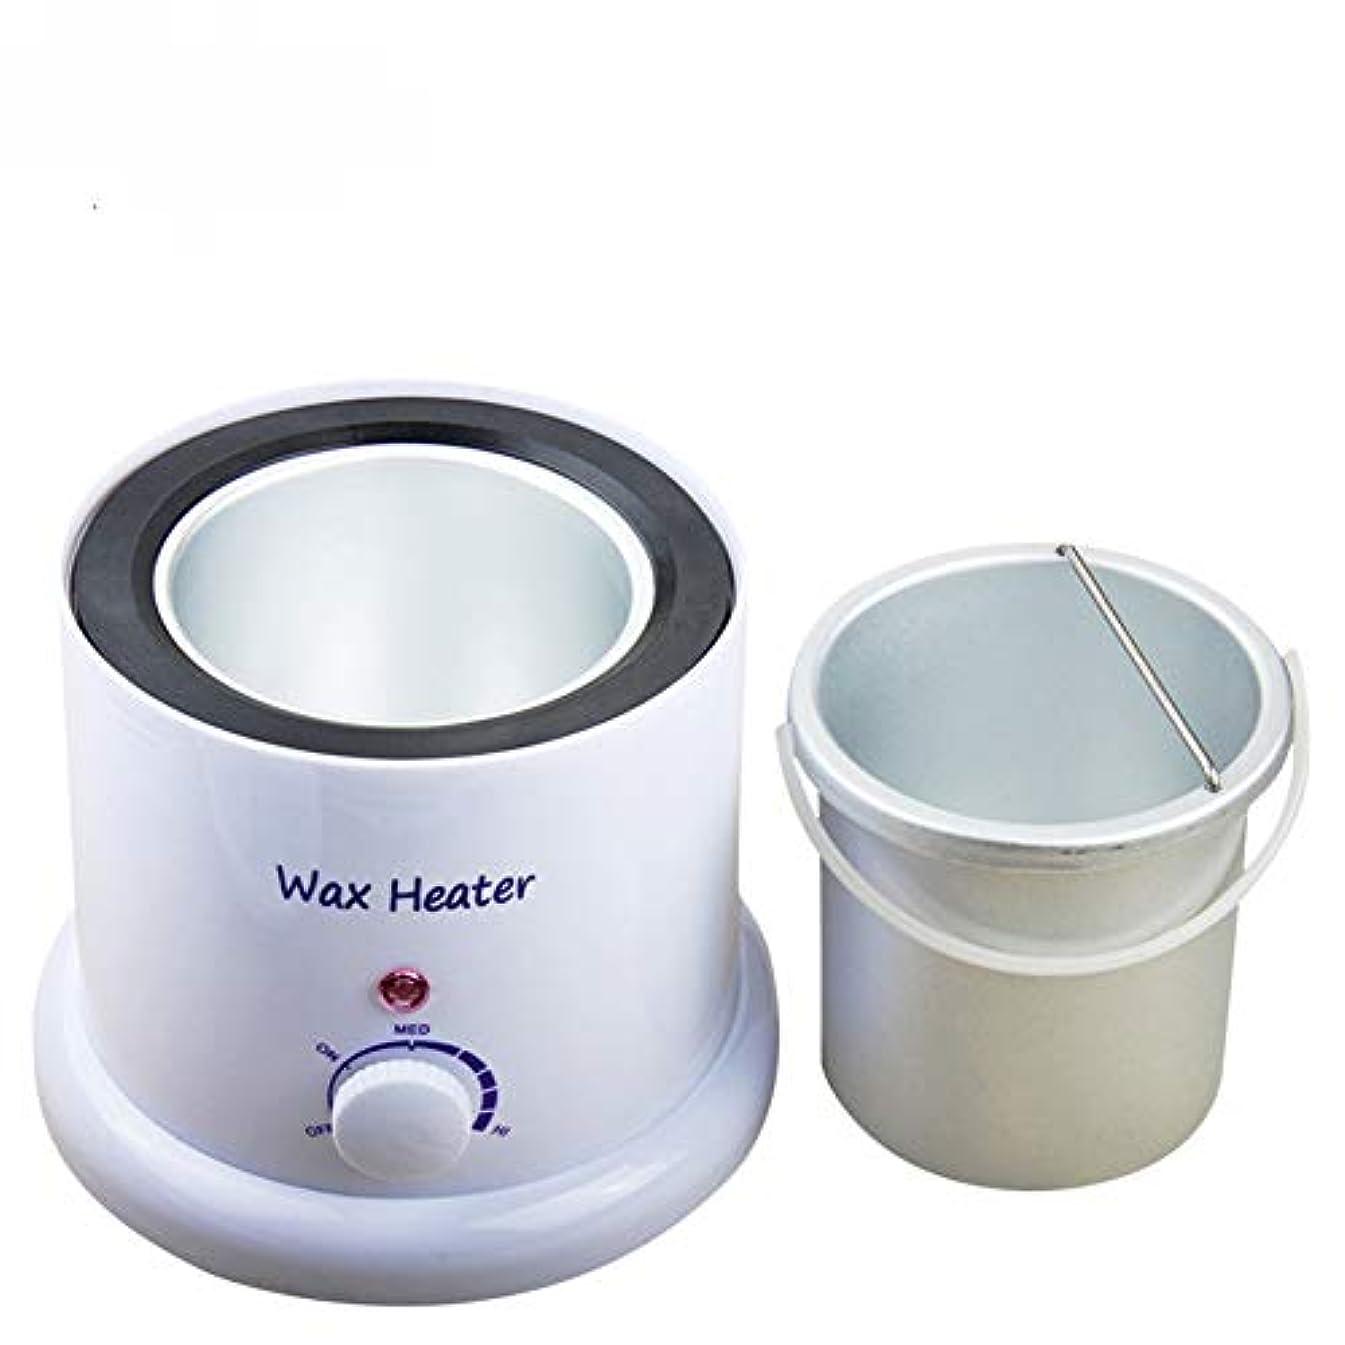 ホールド所得その他ワックスウォーマーパラフィンヒーターマシン1000 ML風呂熱療法用フェイスケアハンドケアサロンスパ美容器機